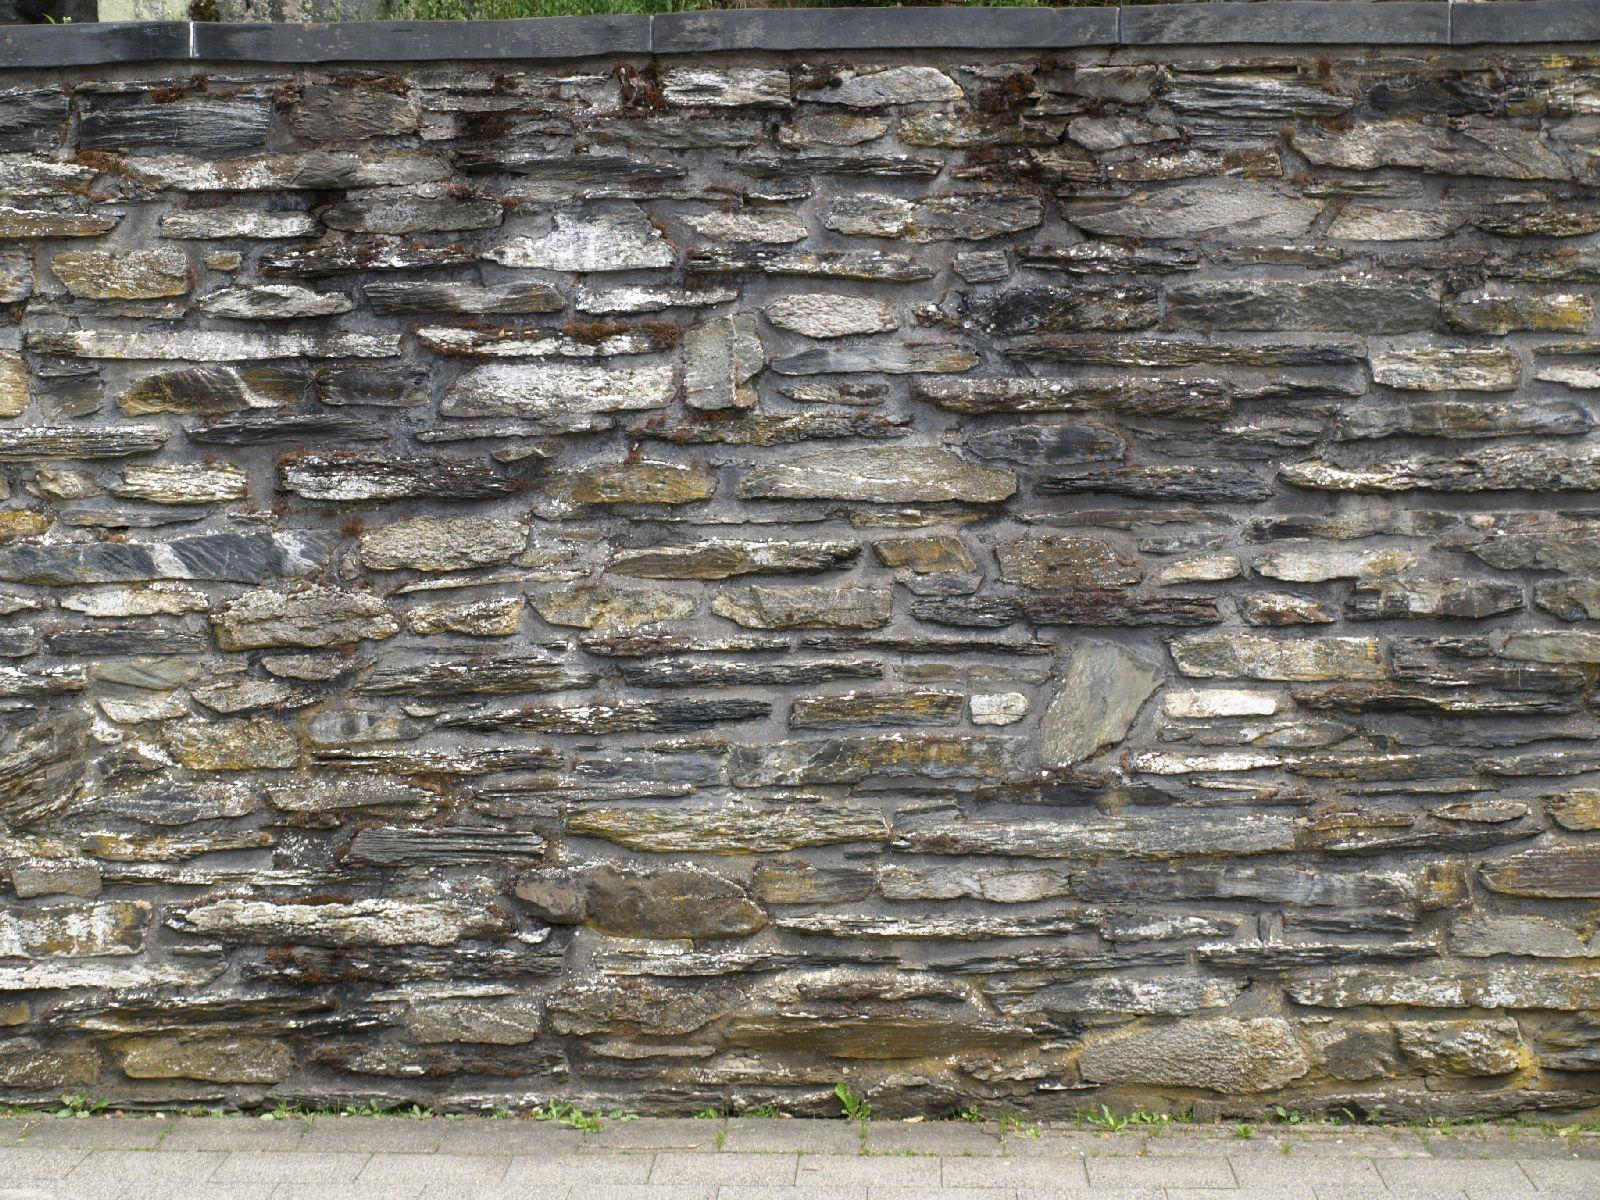 Wand-Bruchstein_Textur_A_P6036046